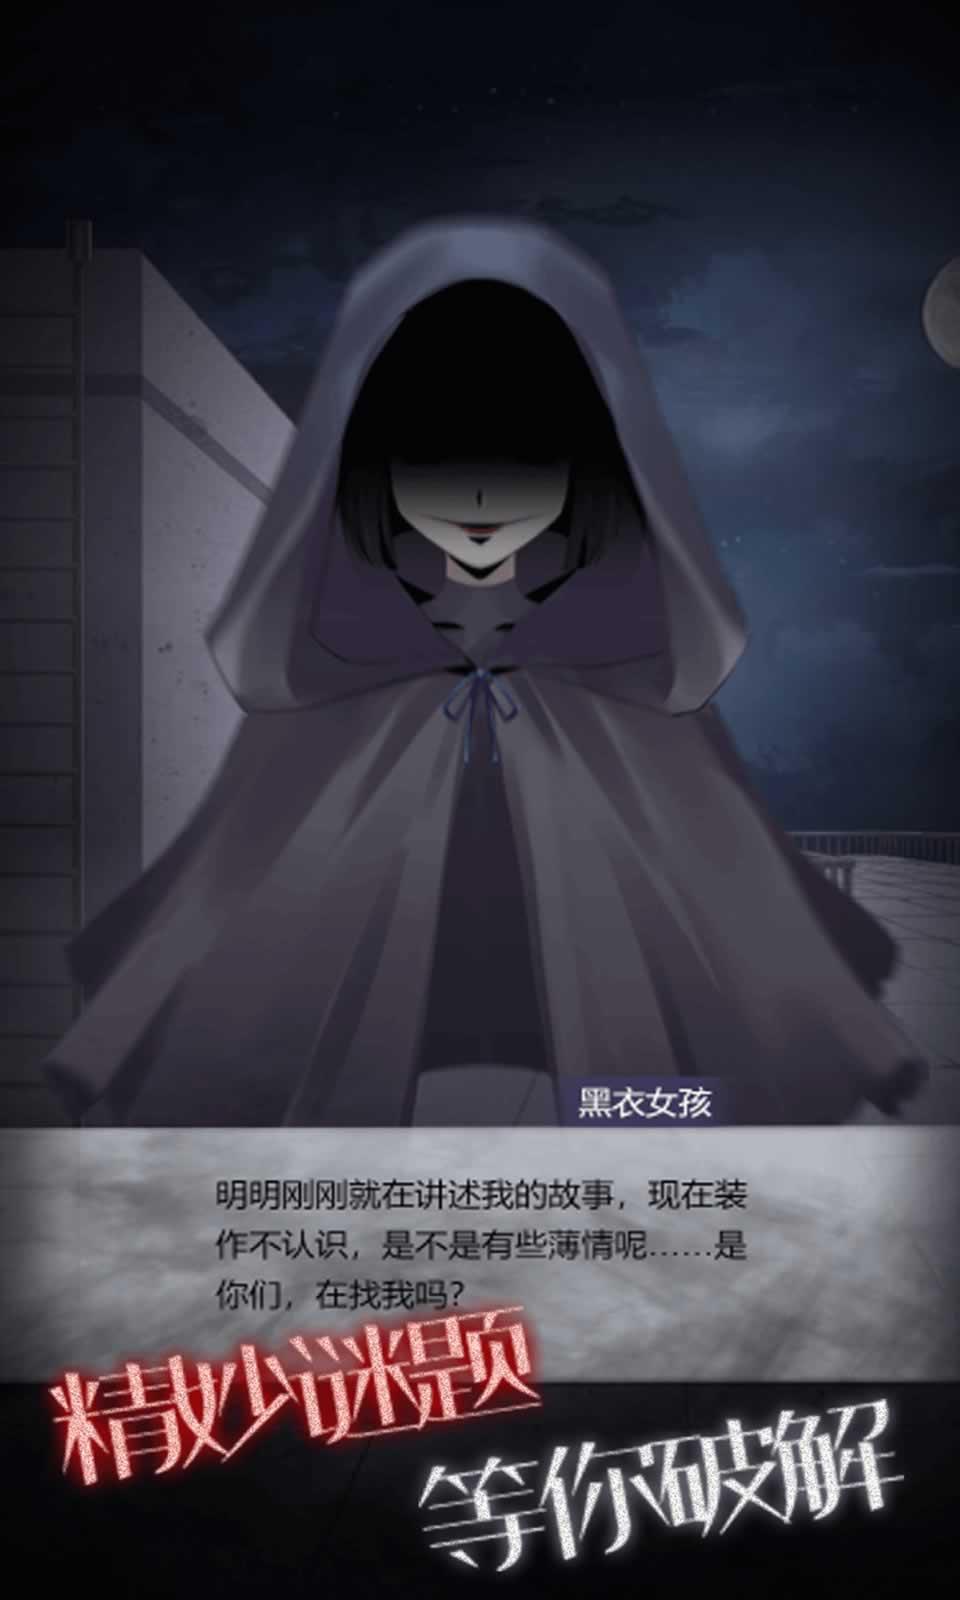 恐怖高校:嫁衣篇